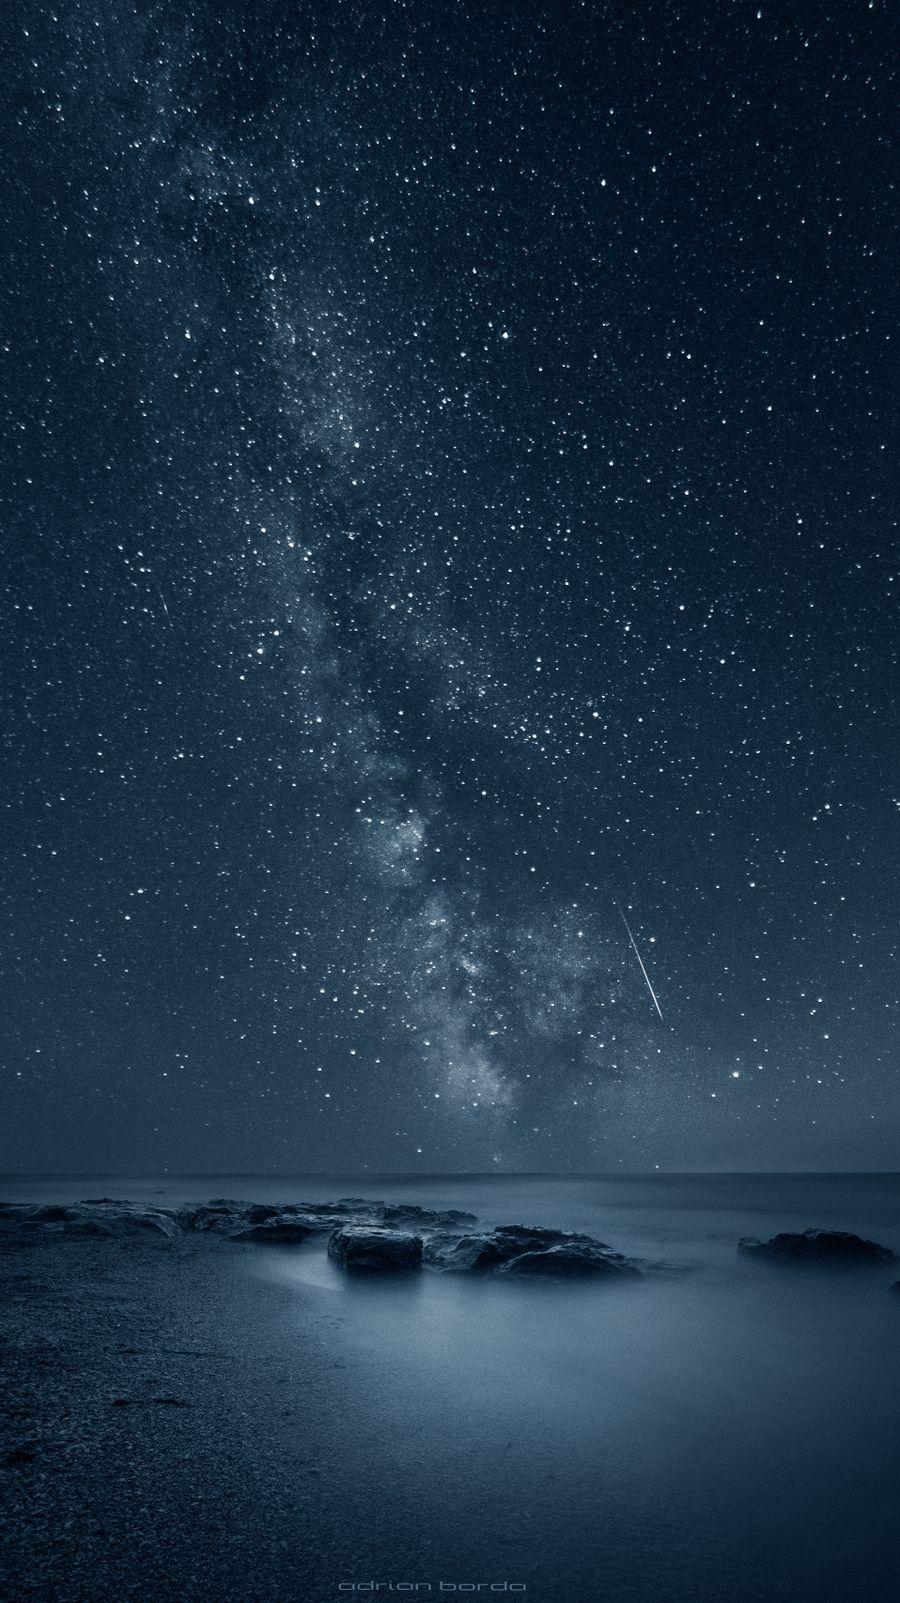 Обои на телефон эпл, пейзаж, океан, ночь, море, звезды, бесконечность, айфон, reflecting infinity, plus, iphone, apple